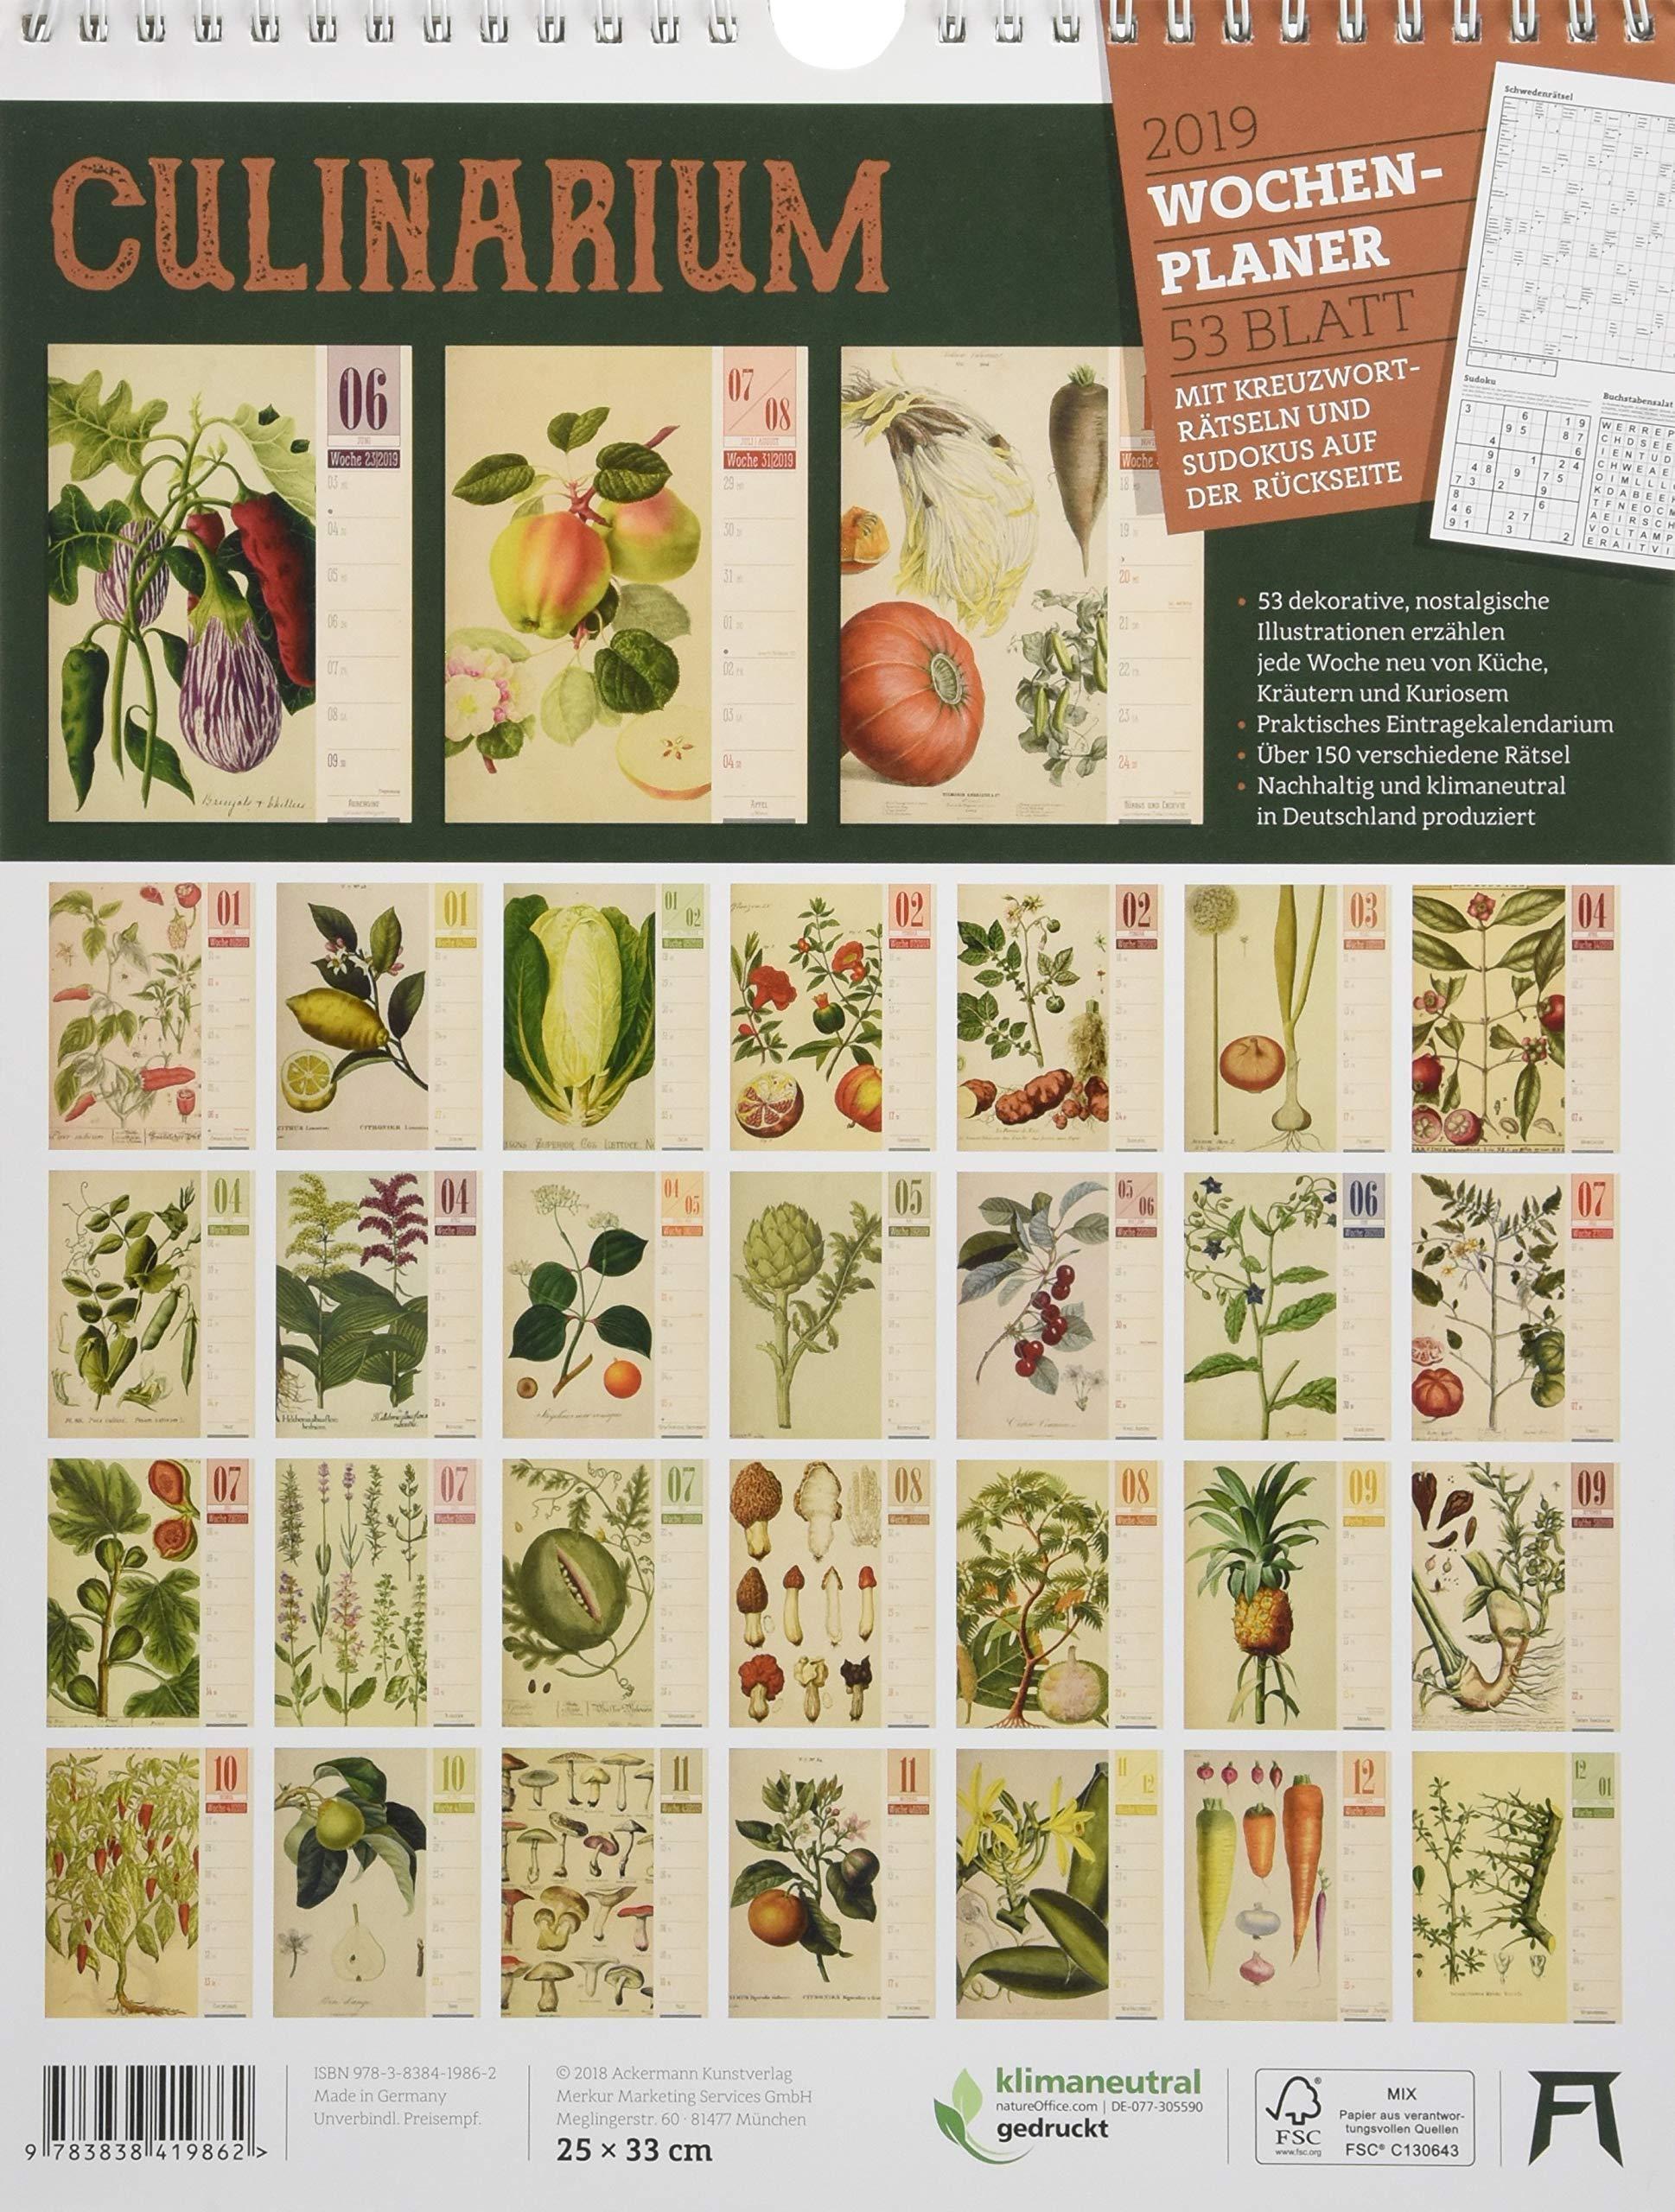 Culinarium Wochenplaner 2019 Wandkalender Im Hochformat 25x33 Cm